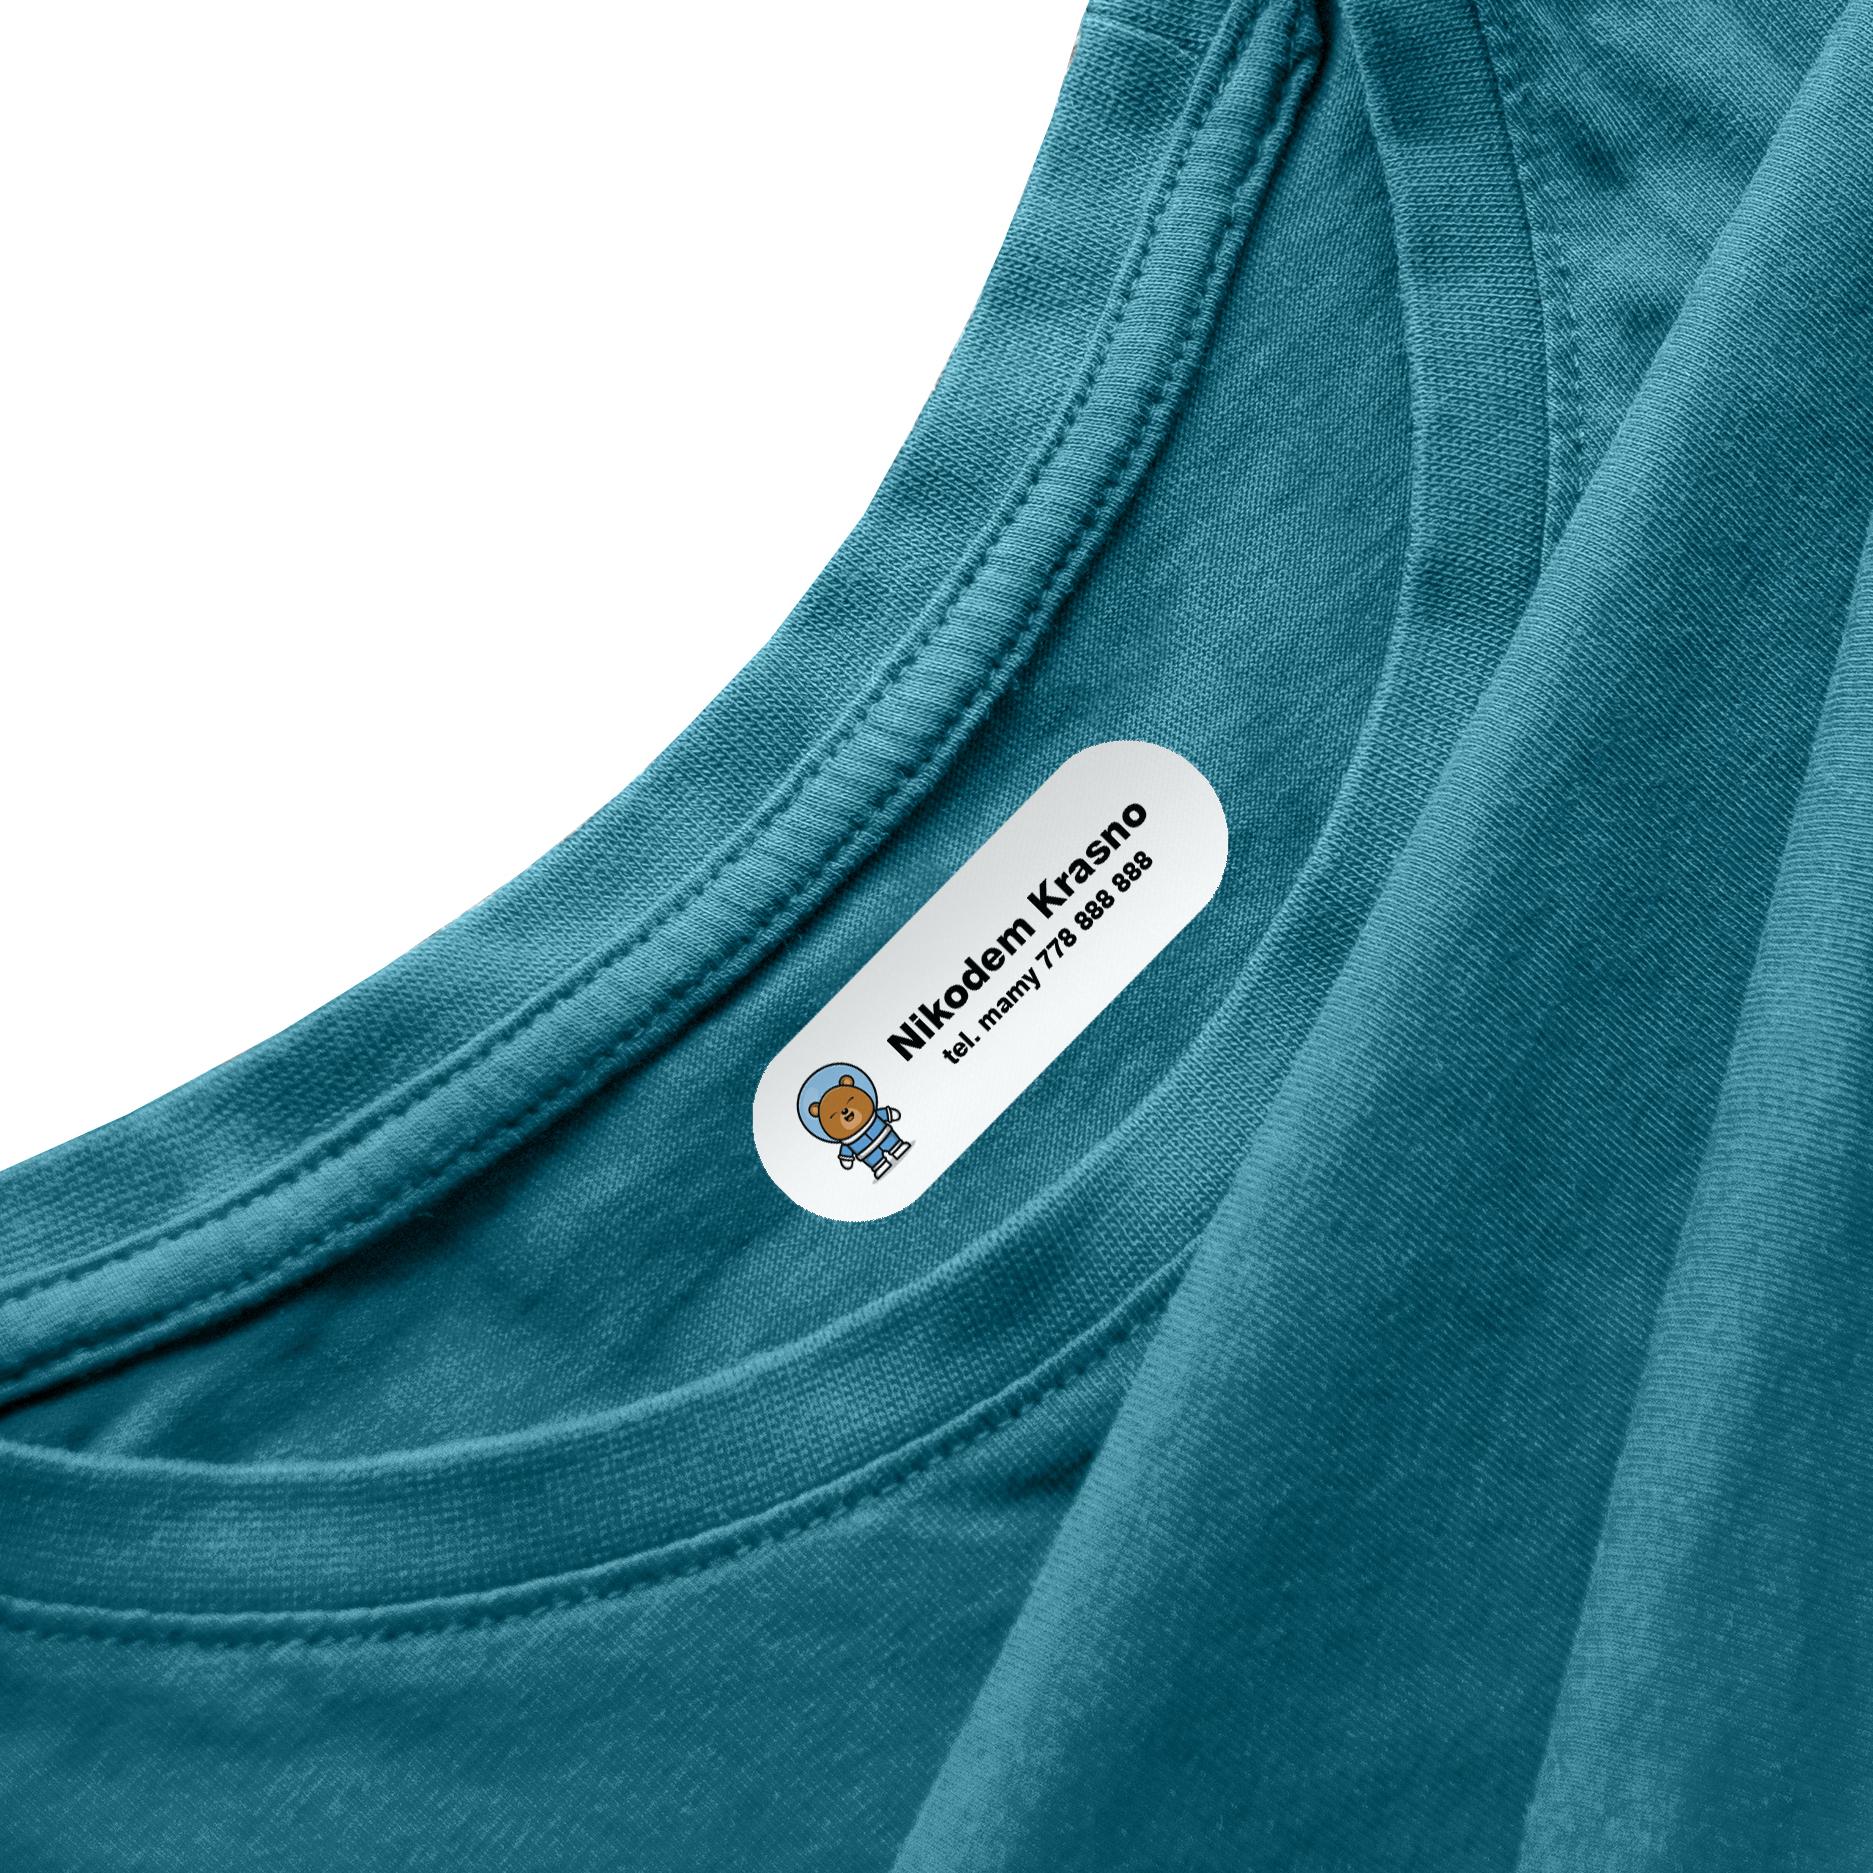 Naprasowanki na ubrania naprasowanka imienna metki dla dziecka kosmonauta miś